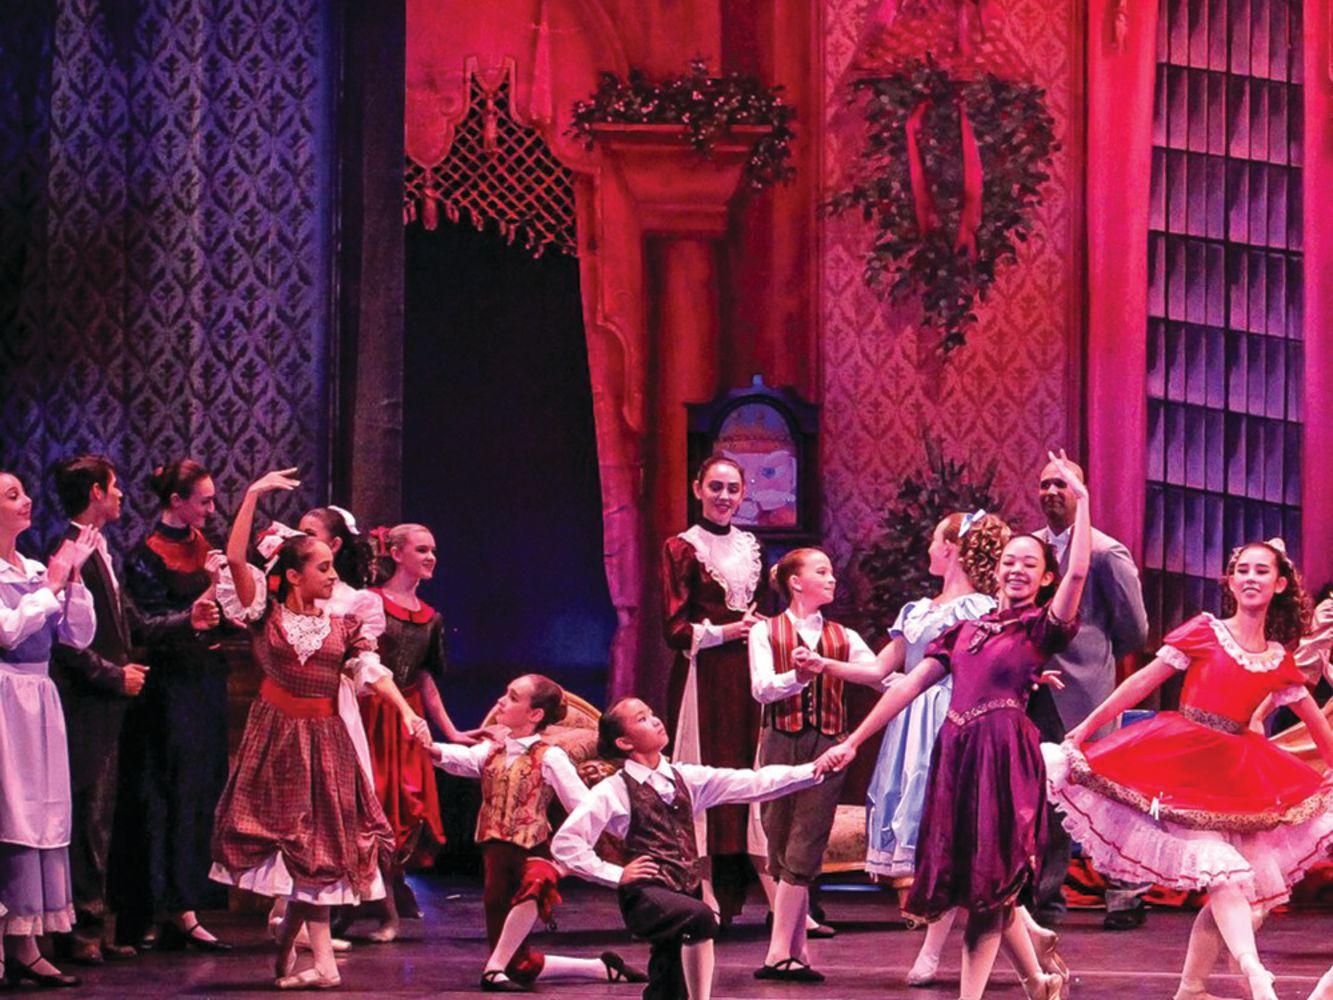 Nutcracker sarasota cuban ballet school party s6pmlb